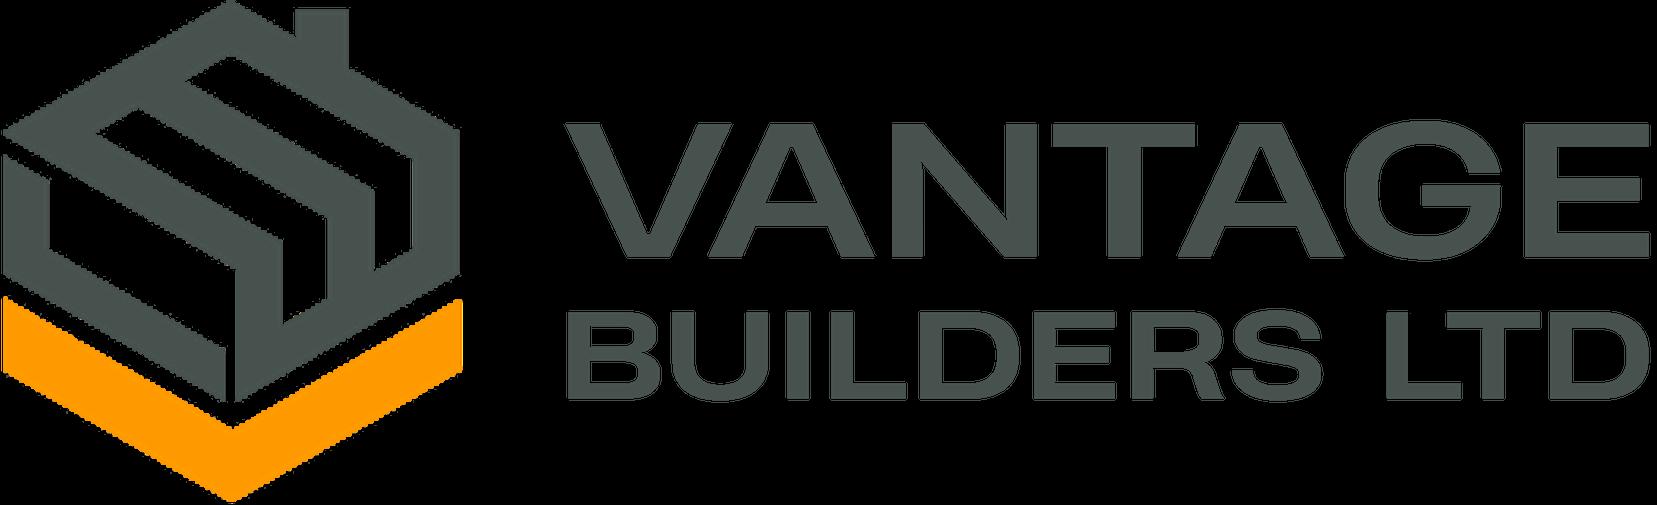 Vantage Builders